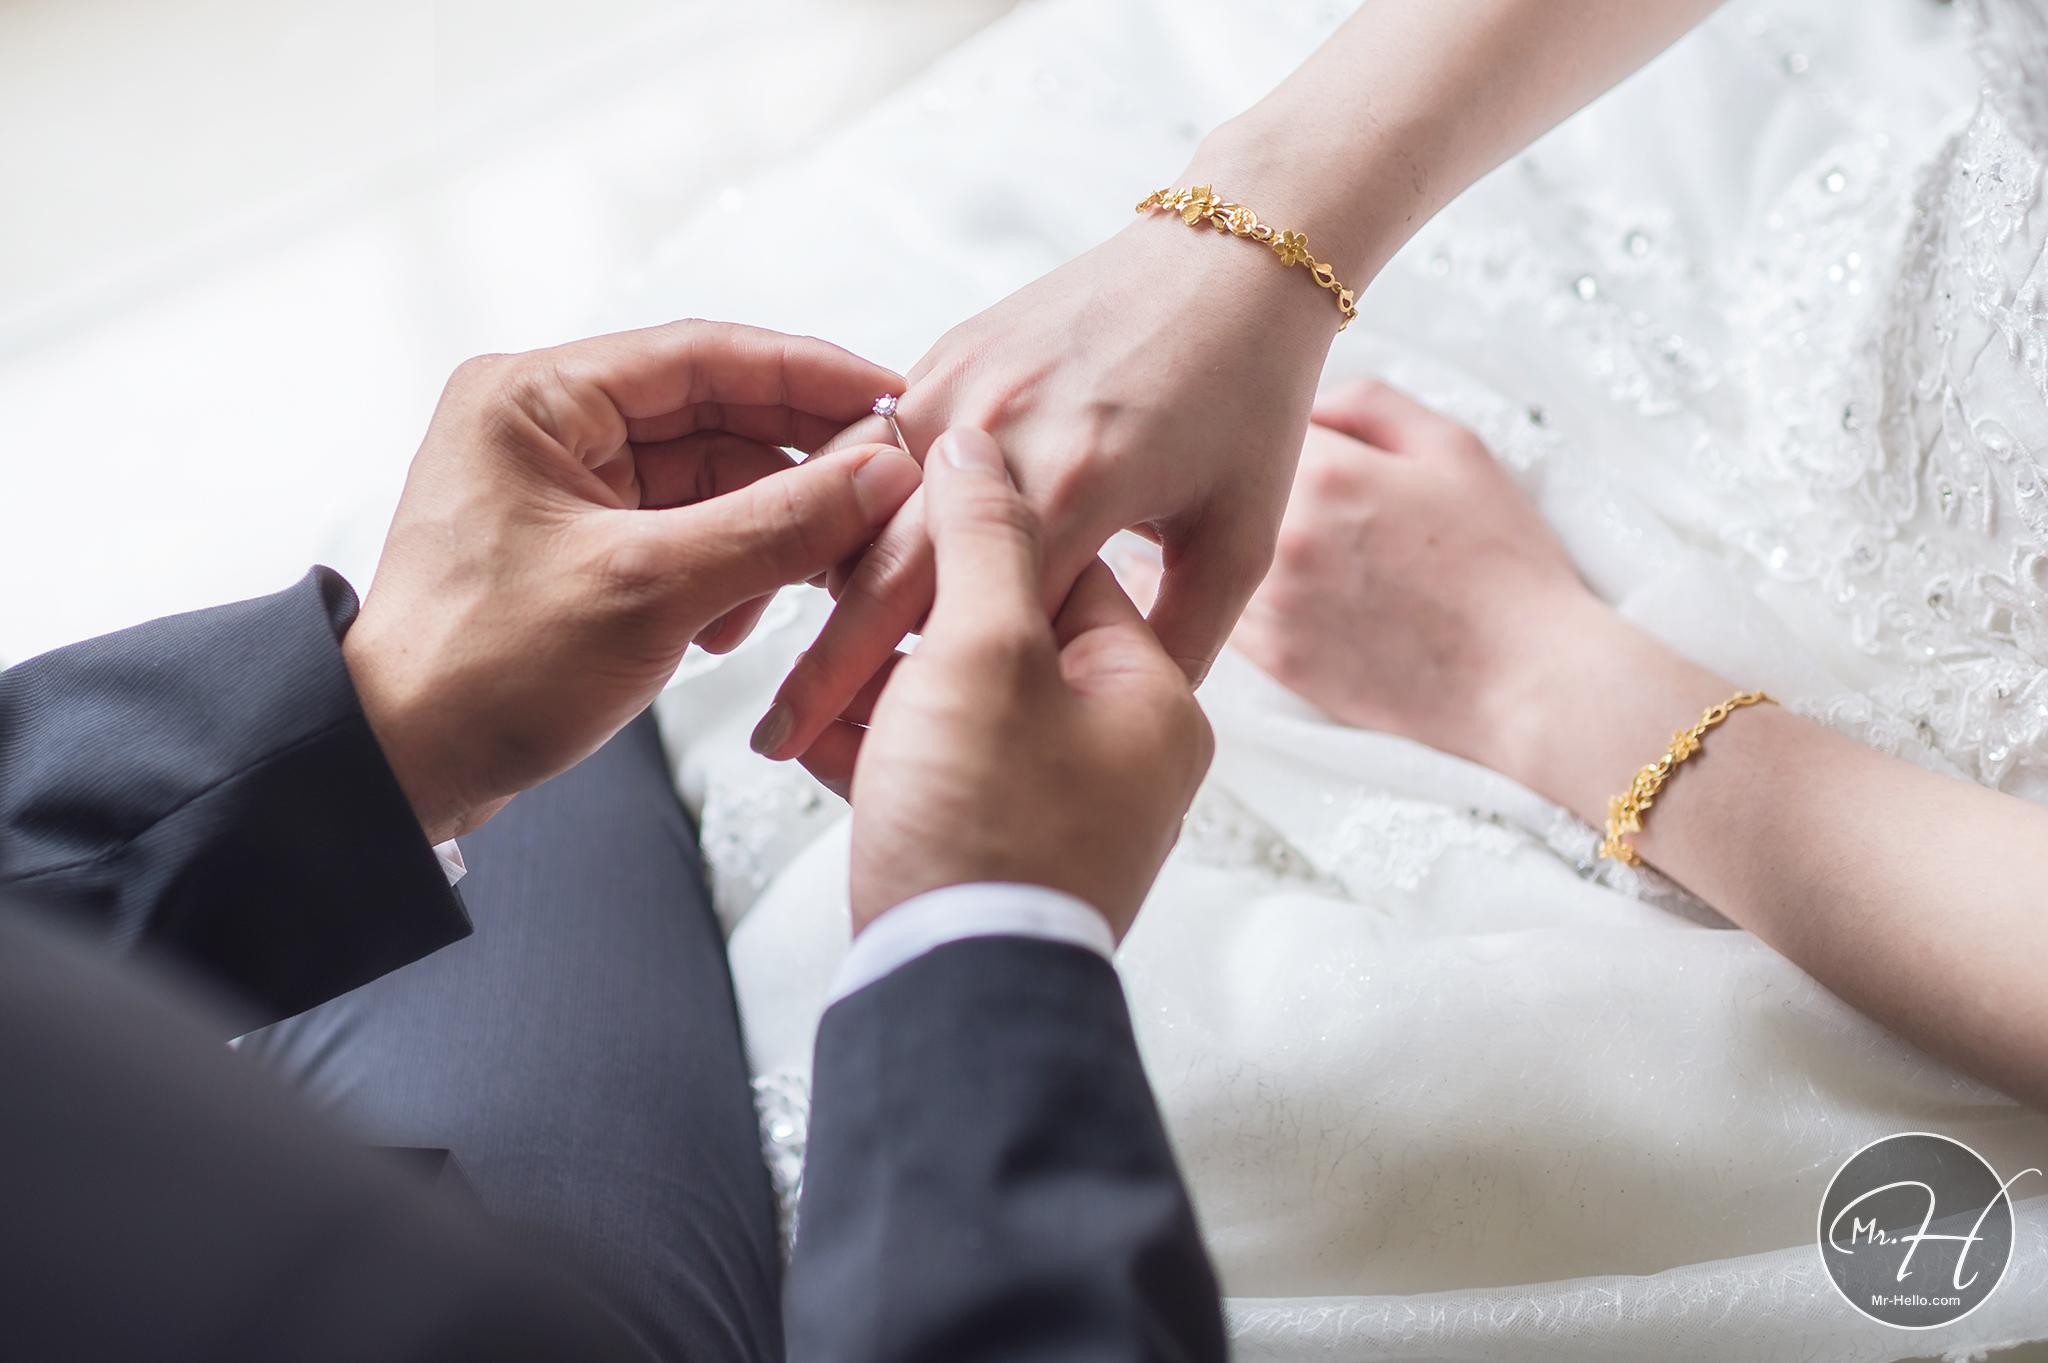 熱門婚禮紀錄,自主婚紗,,,,,, - 婚攝林小豪 作品瀏覽